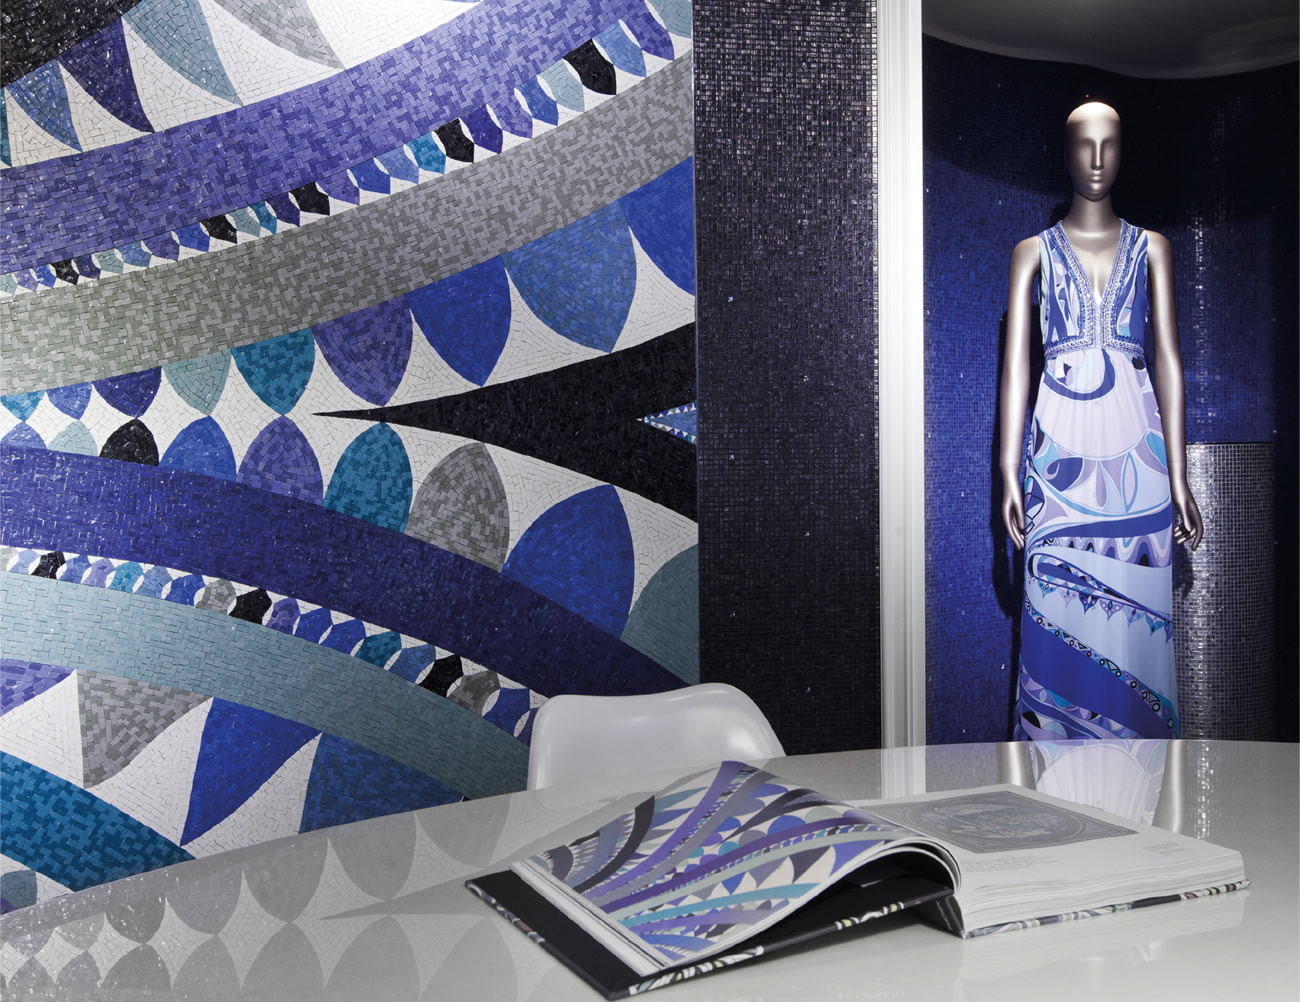 Collezione Bisazza wears Pucci, decoro Fontana e sue trasposizioni su tessuto, stampa e mosaico.